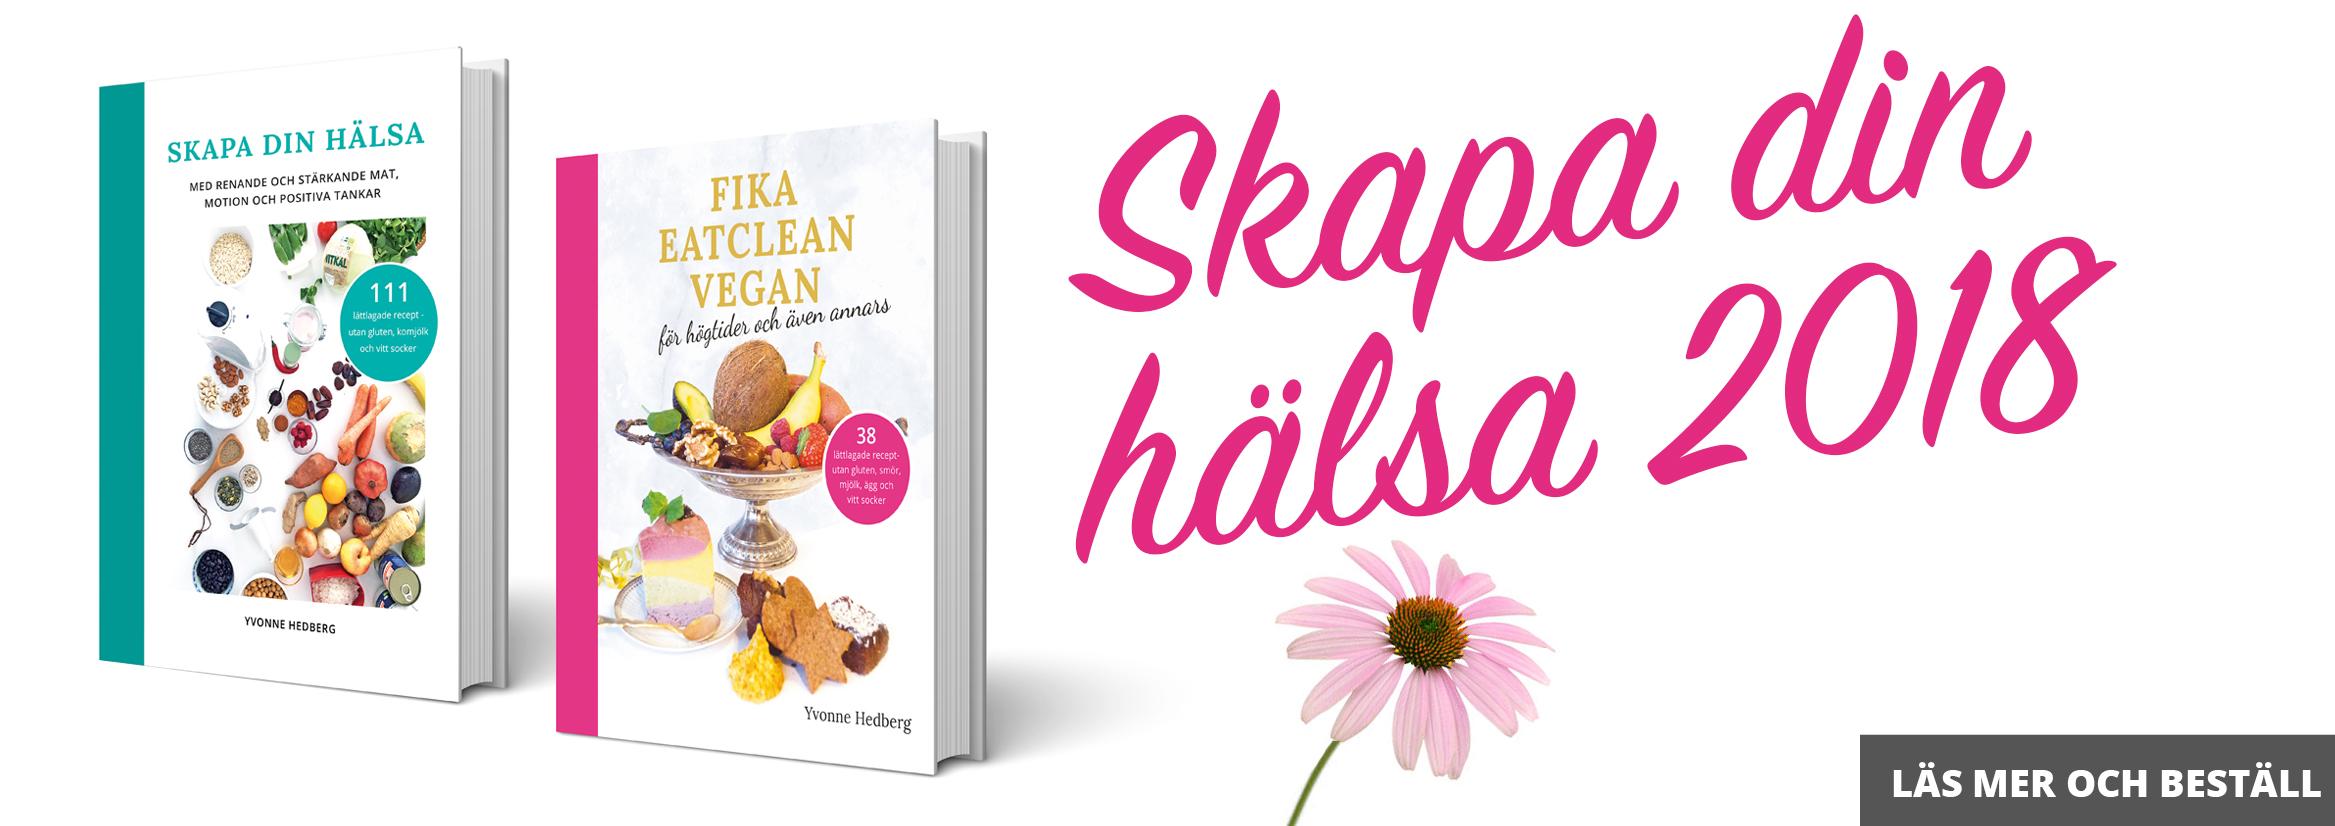 kokboken skapa din hälsa och kakboken fika eatclean vegan av Yvonne Hedberg